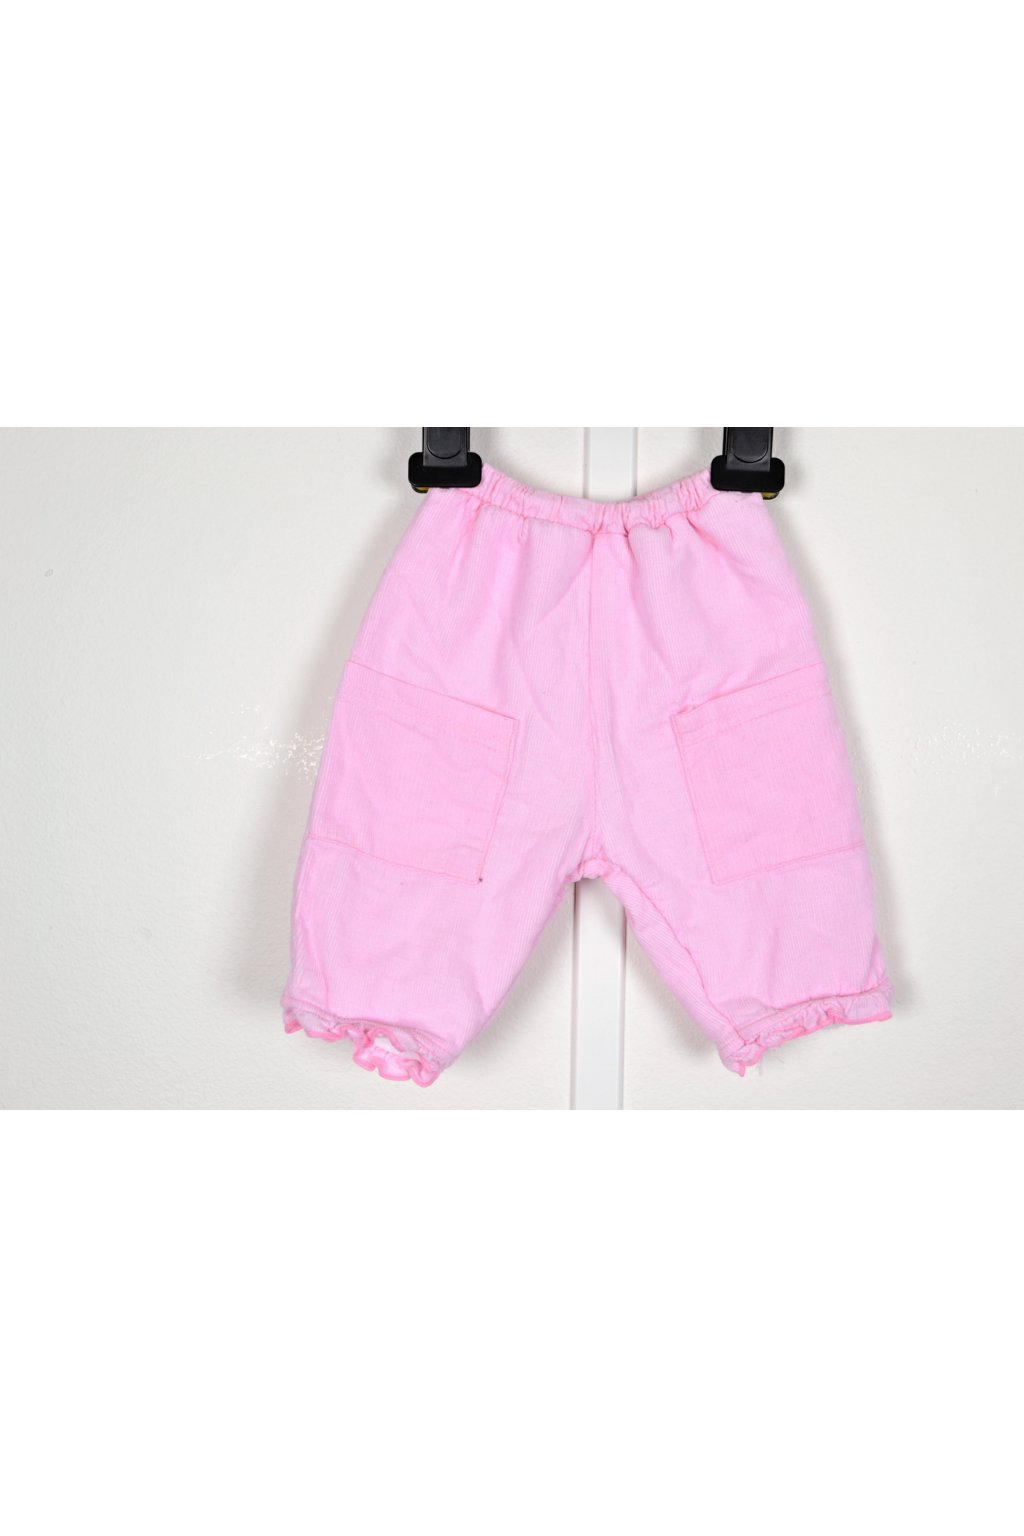 Kalhoty zateplené vel 50-56/0-3 měs růžové